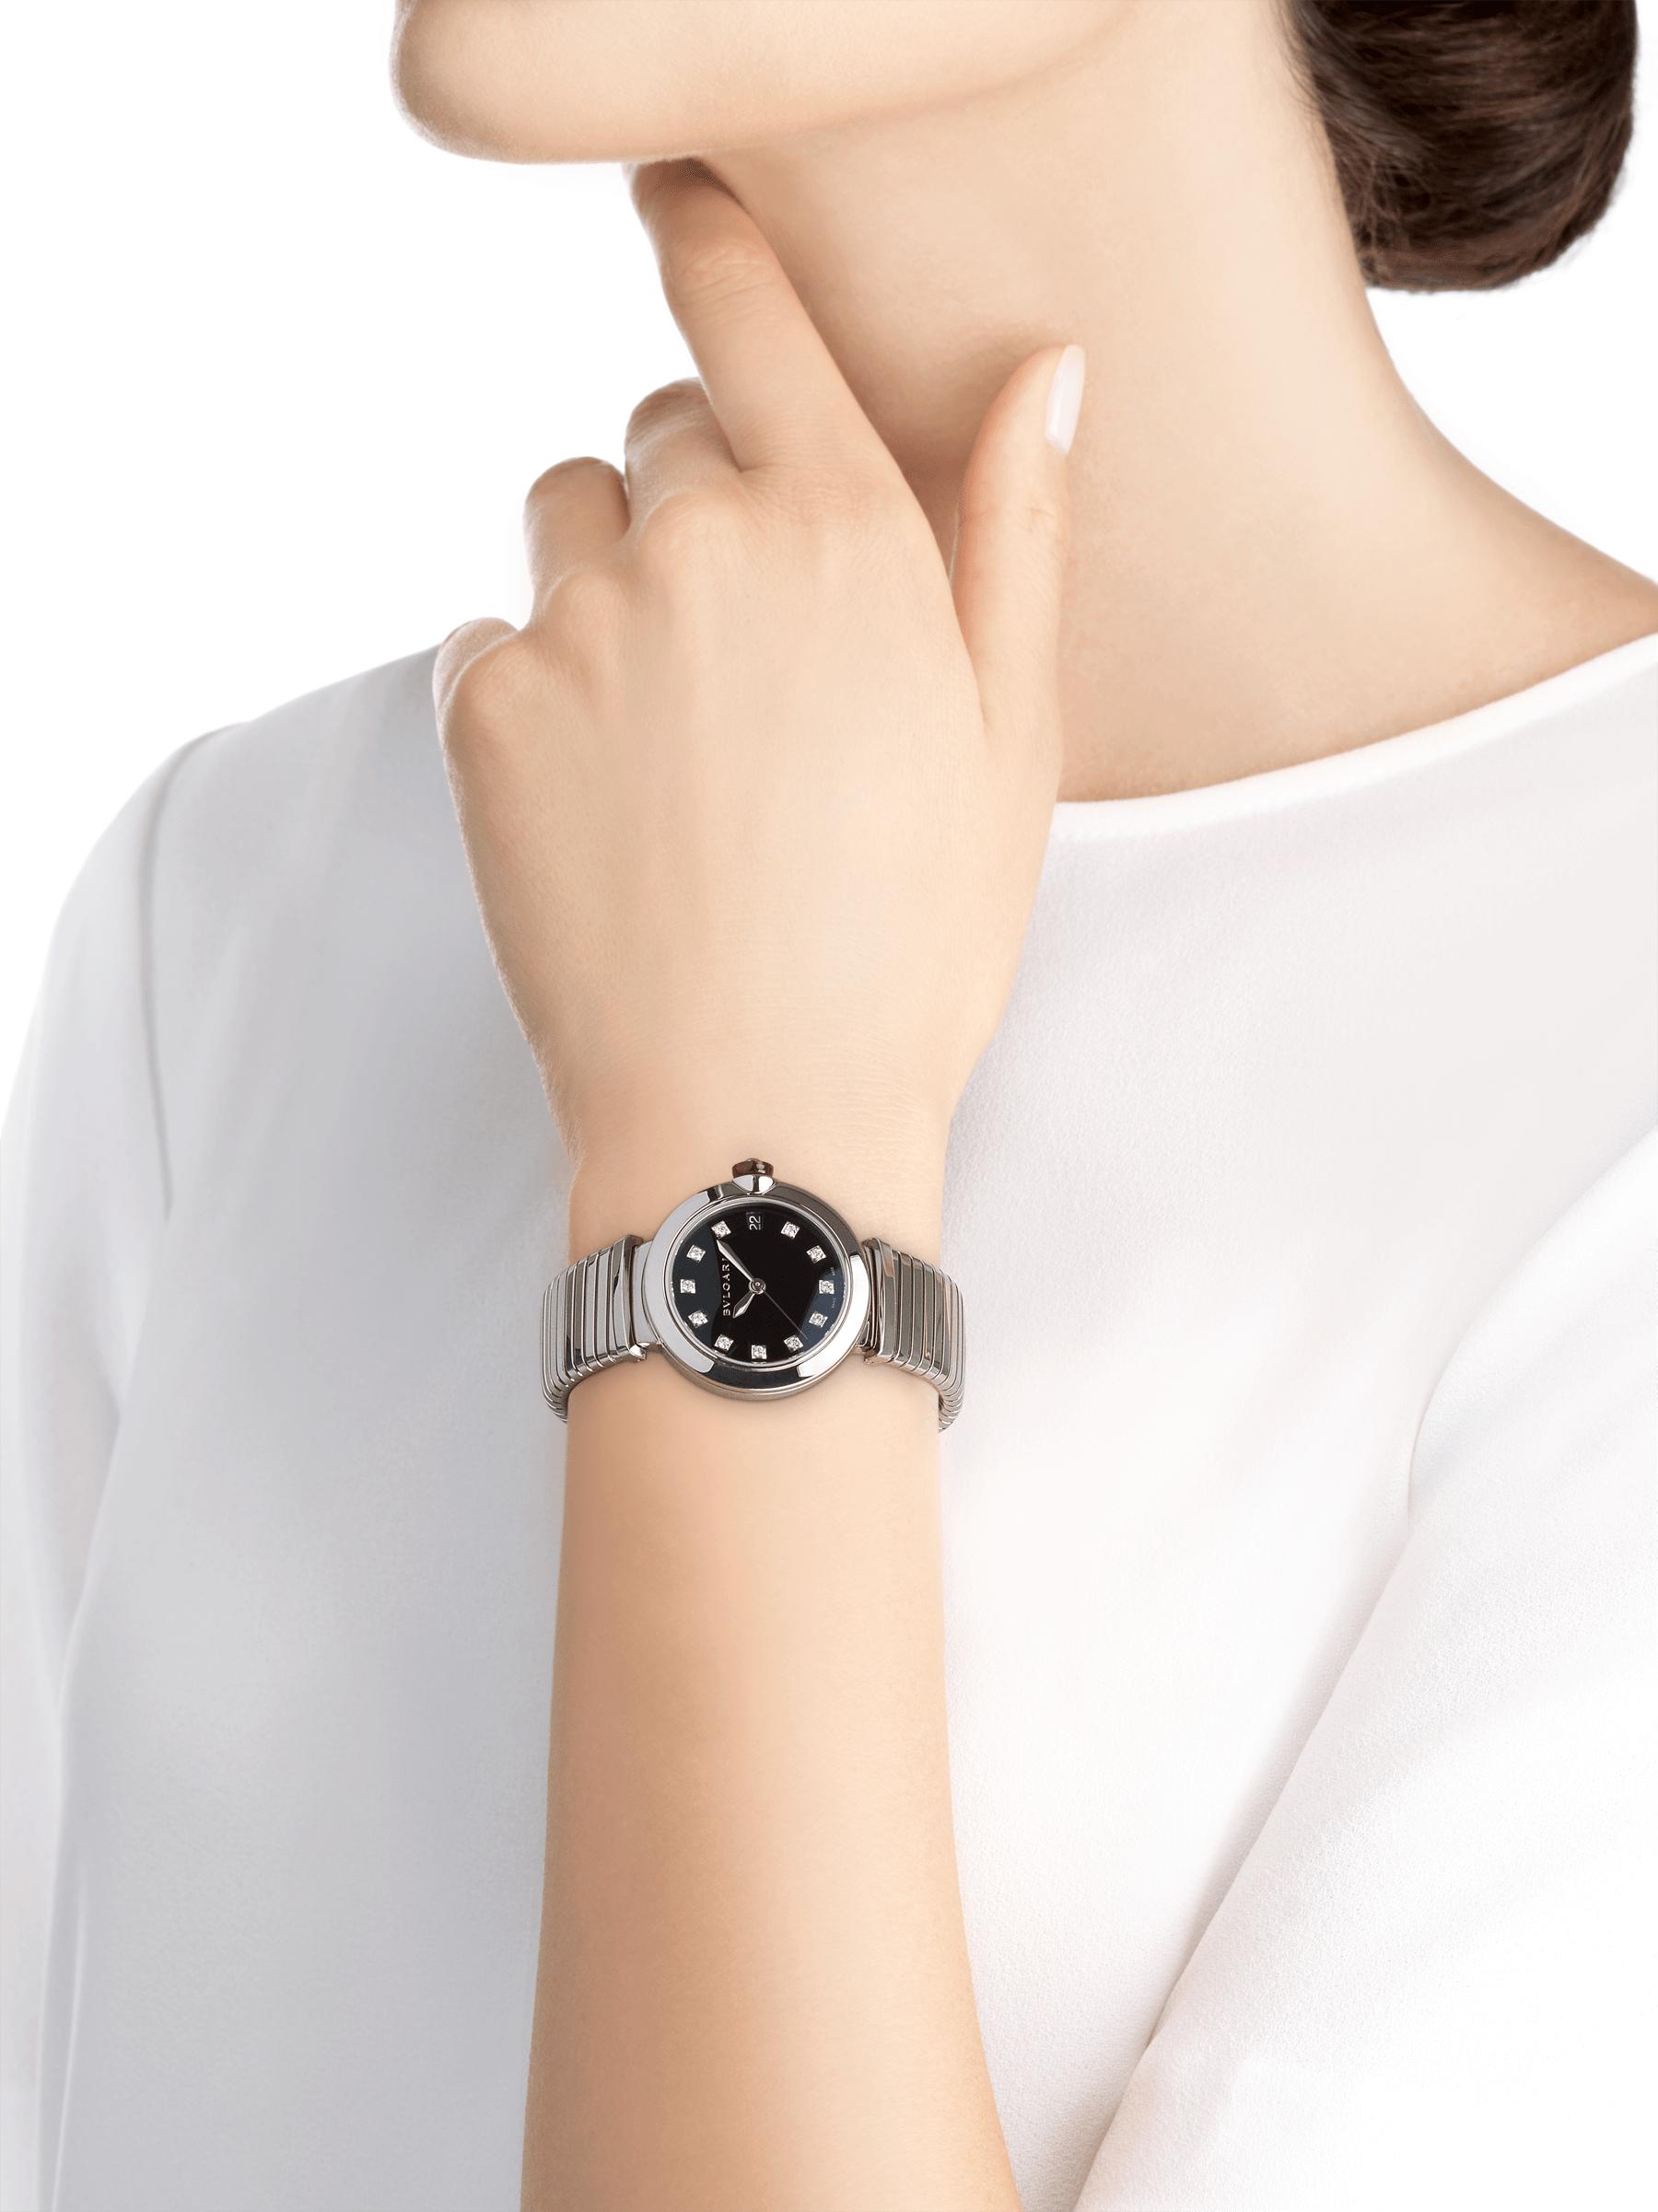 LVCEA Tubogas光环腕表,精钢表壳和Tubogas表链,搭配黑色漆面表盘和钻石时标。 102953 image 4